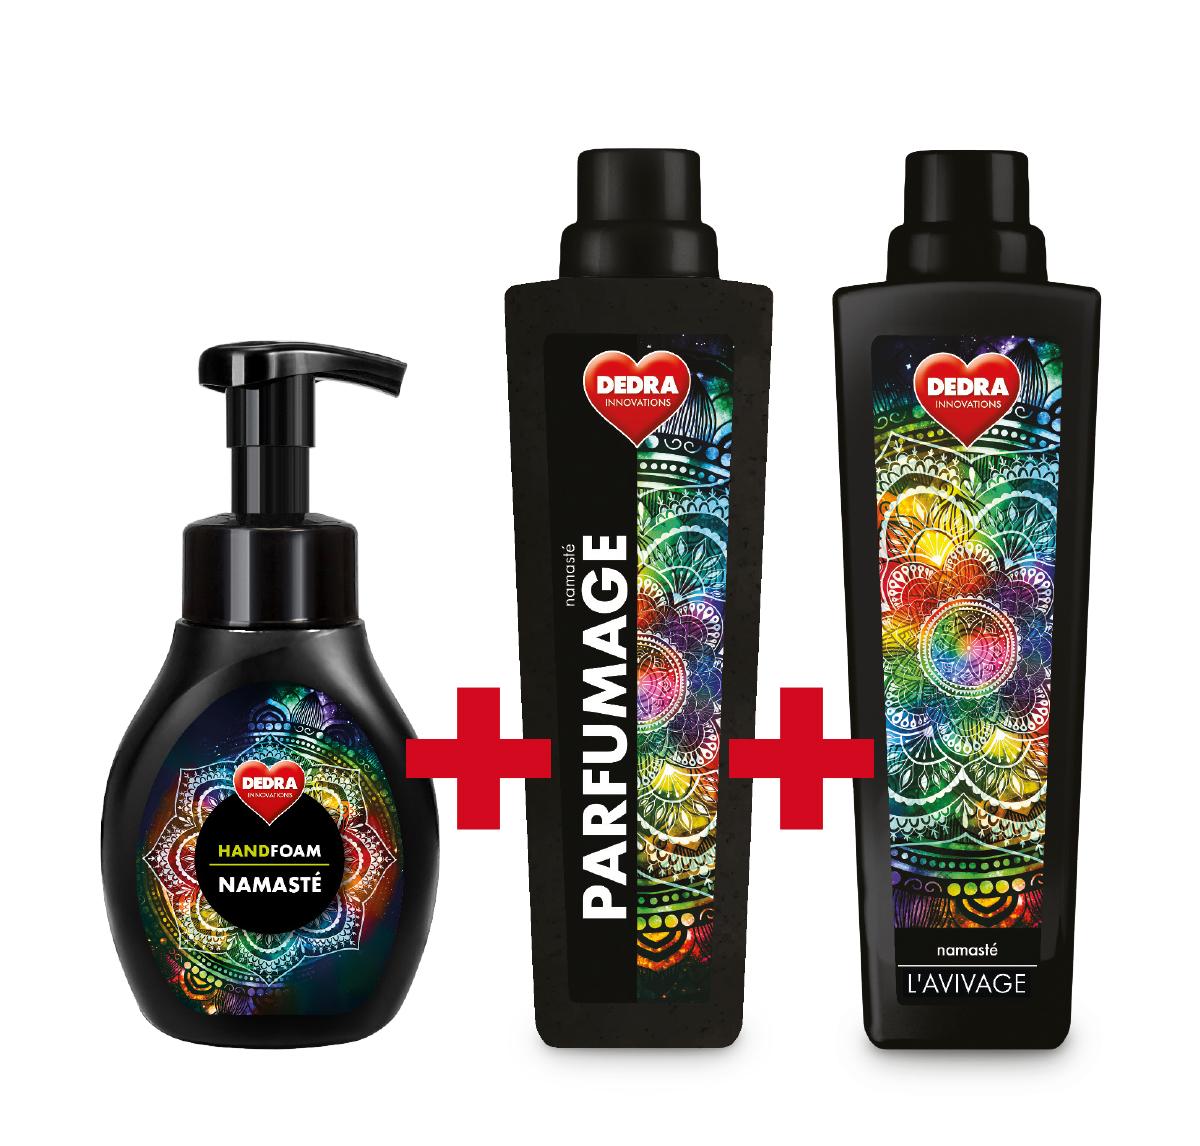 SADA NAMASTÉ 2+1 ZDARMA, pěnové mýdlo, parfémový super-koncetrát + avivážní kondicionér